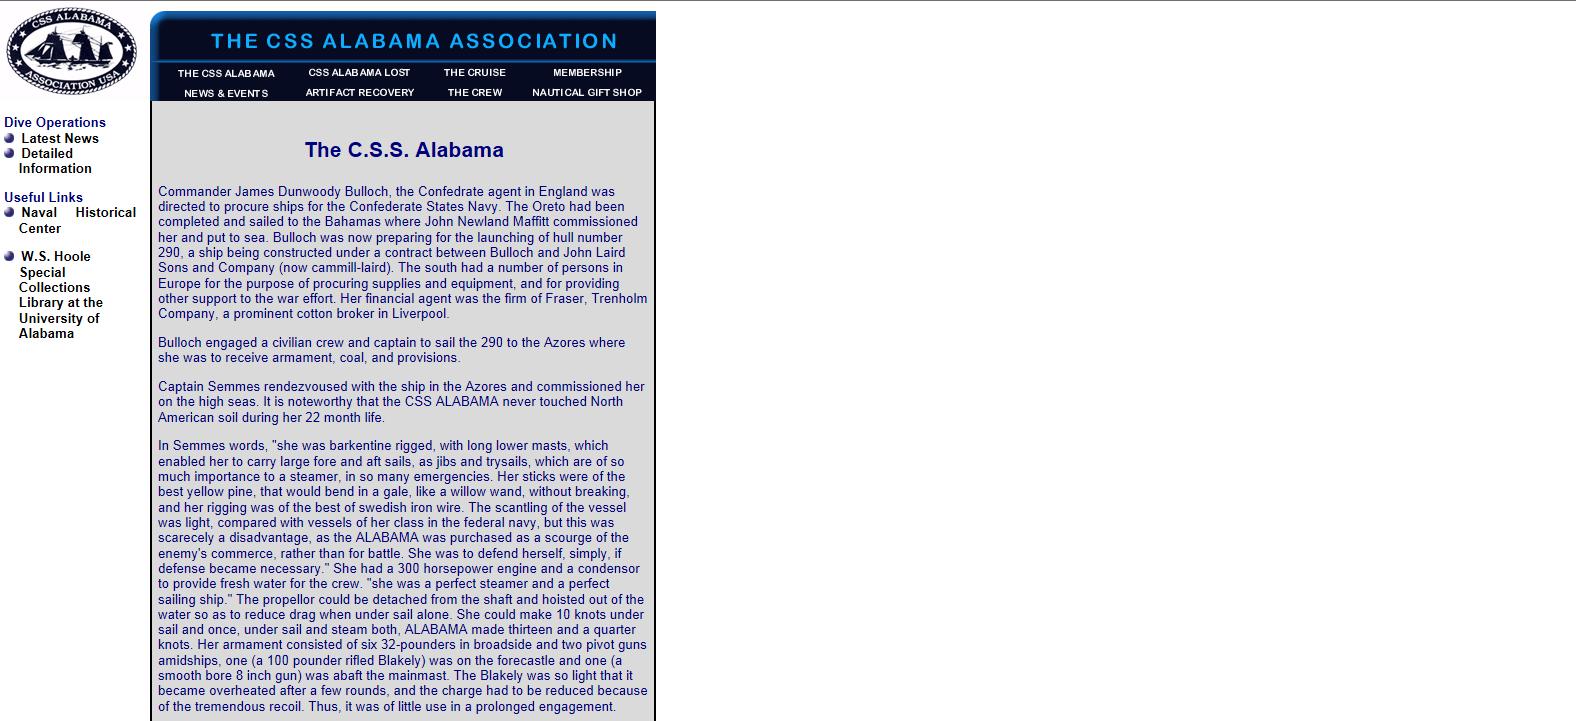 Cliquez sur l'image pour accéder au site The CSS Alabama Association